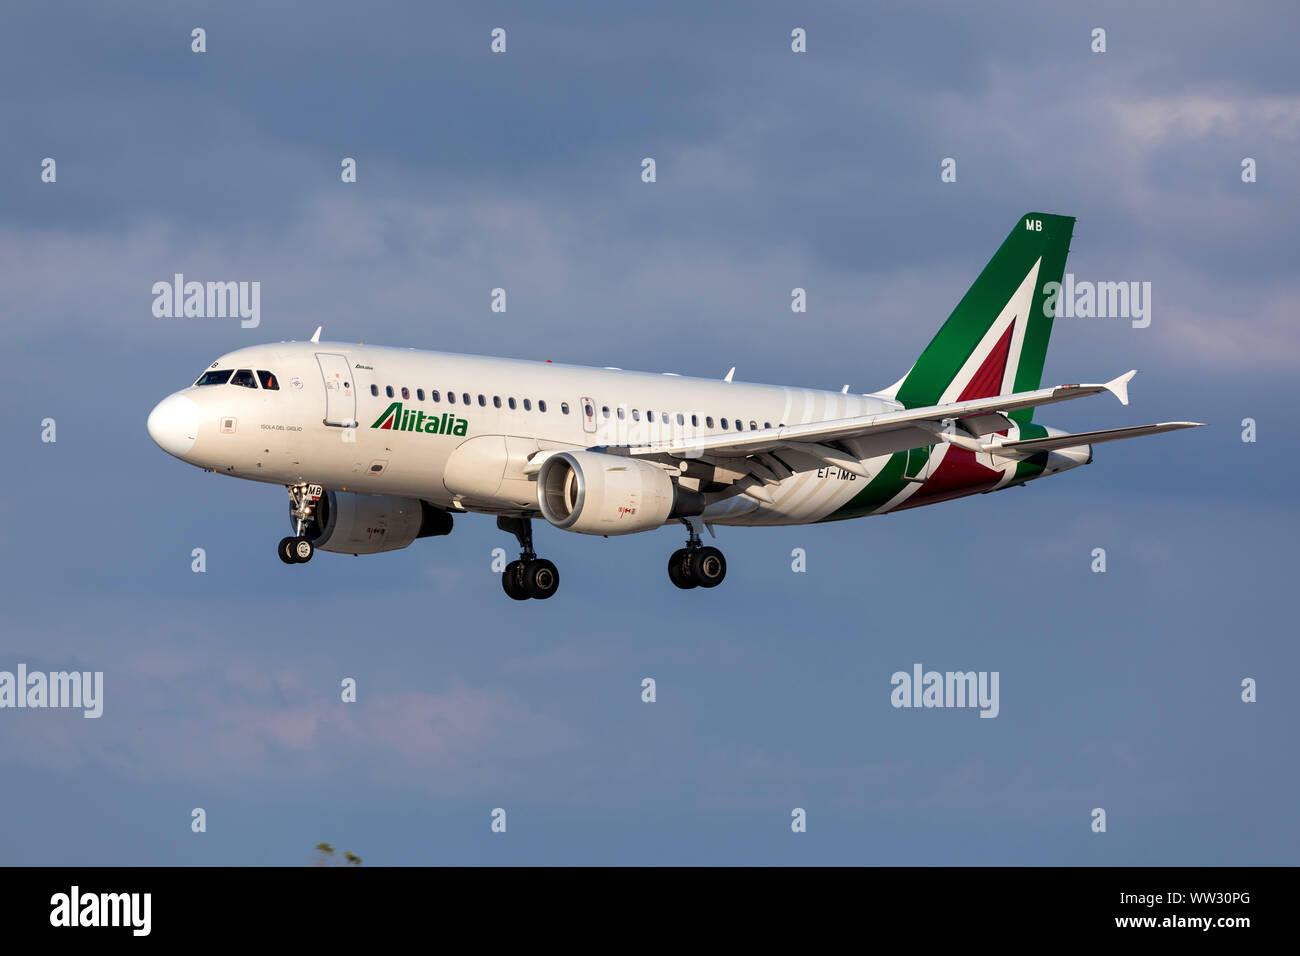 Airbus A319-112 de Alitalia (EI-IMB) llega en el vuelo de la tarde a diario desde Roma, Italia. Foto de stock